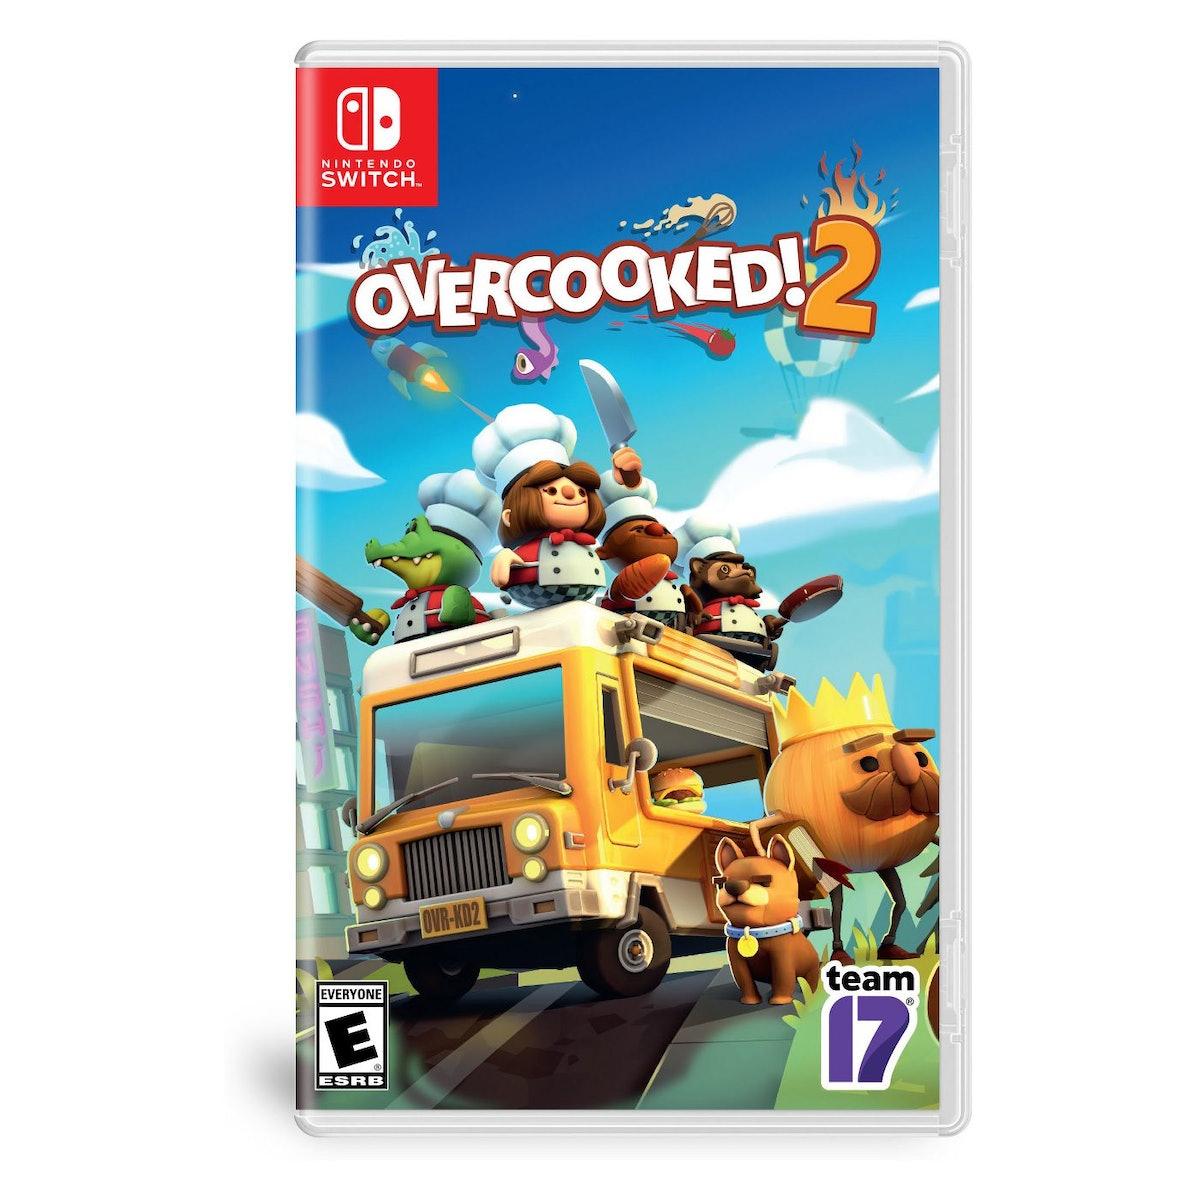 Overcooked! 2, Nintendo Switch